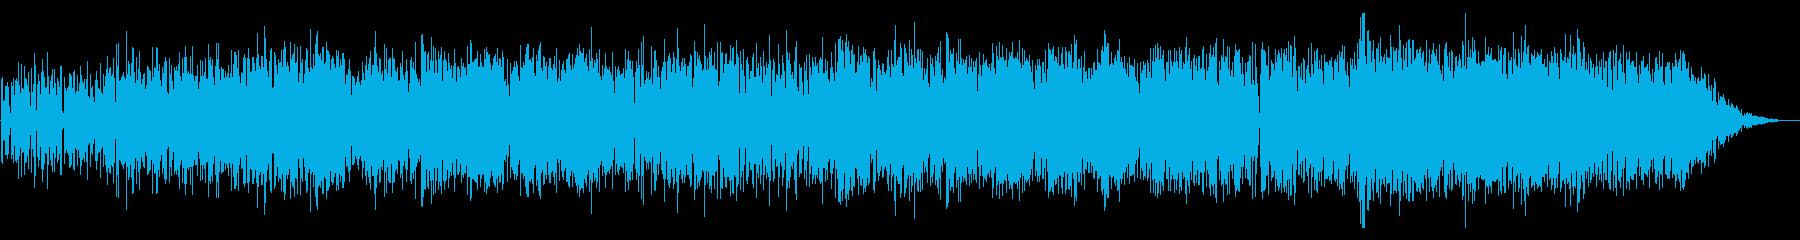 攻撃的な日本語ラップの再生済みの波形